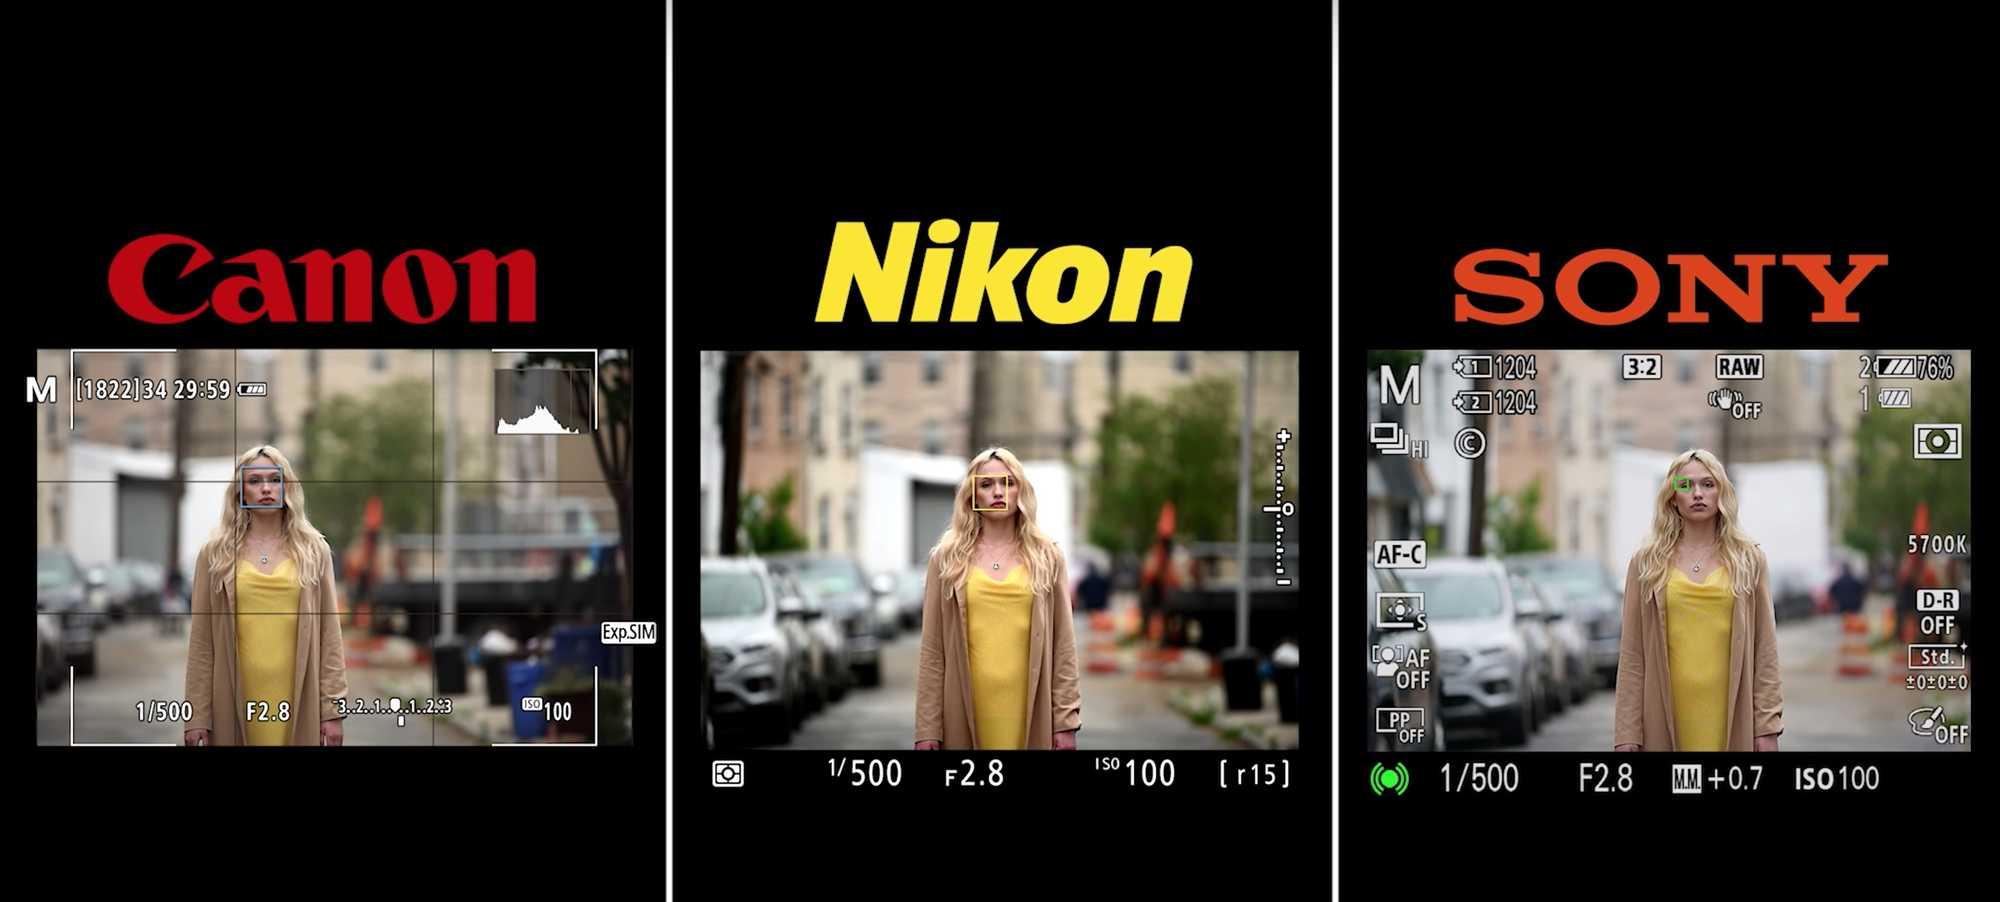 Сравнение фото никон и кэнон